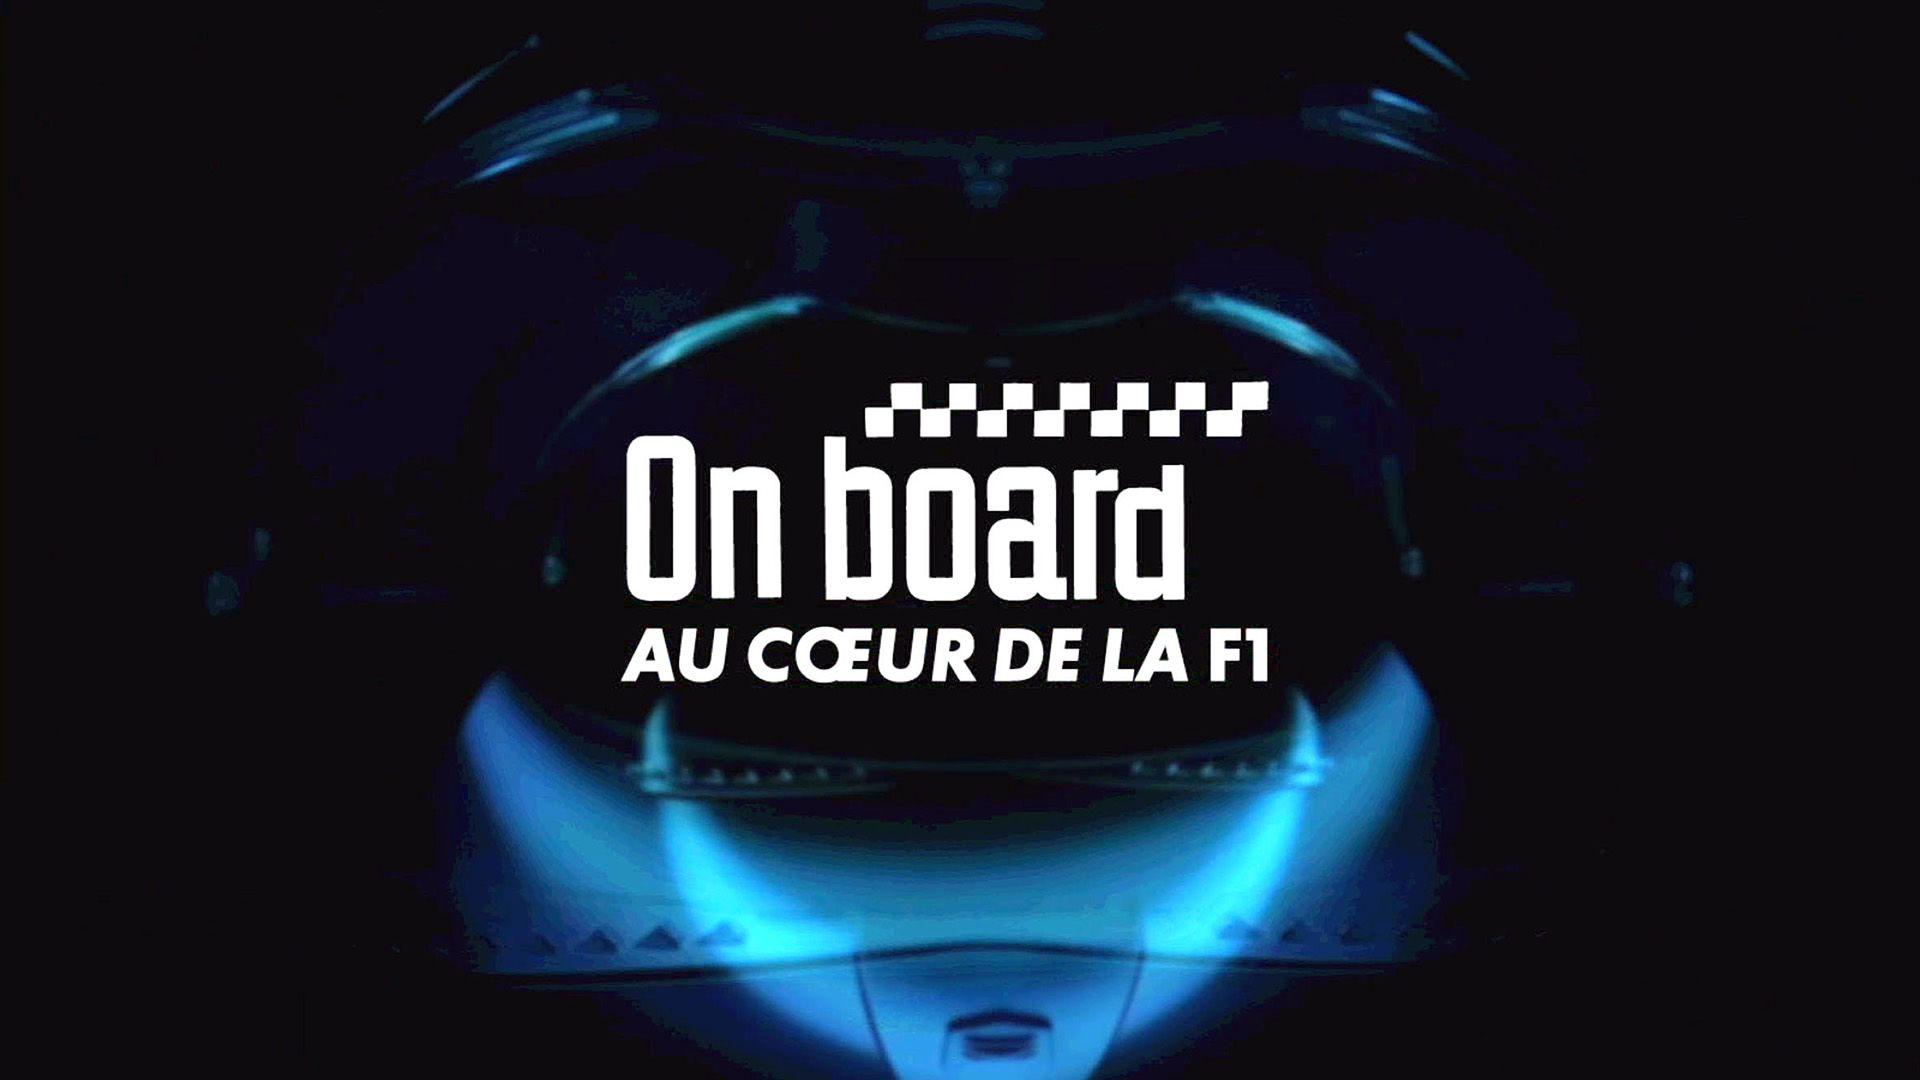 On board moto du 24/03